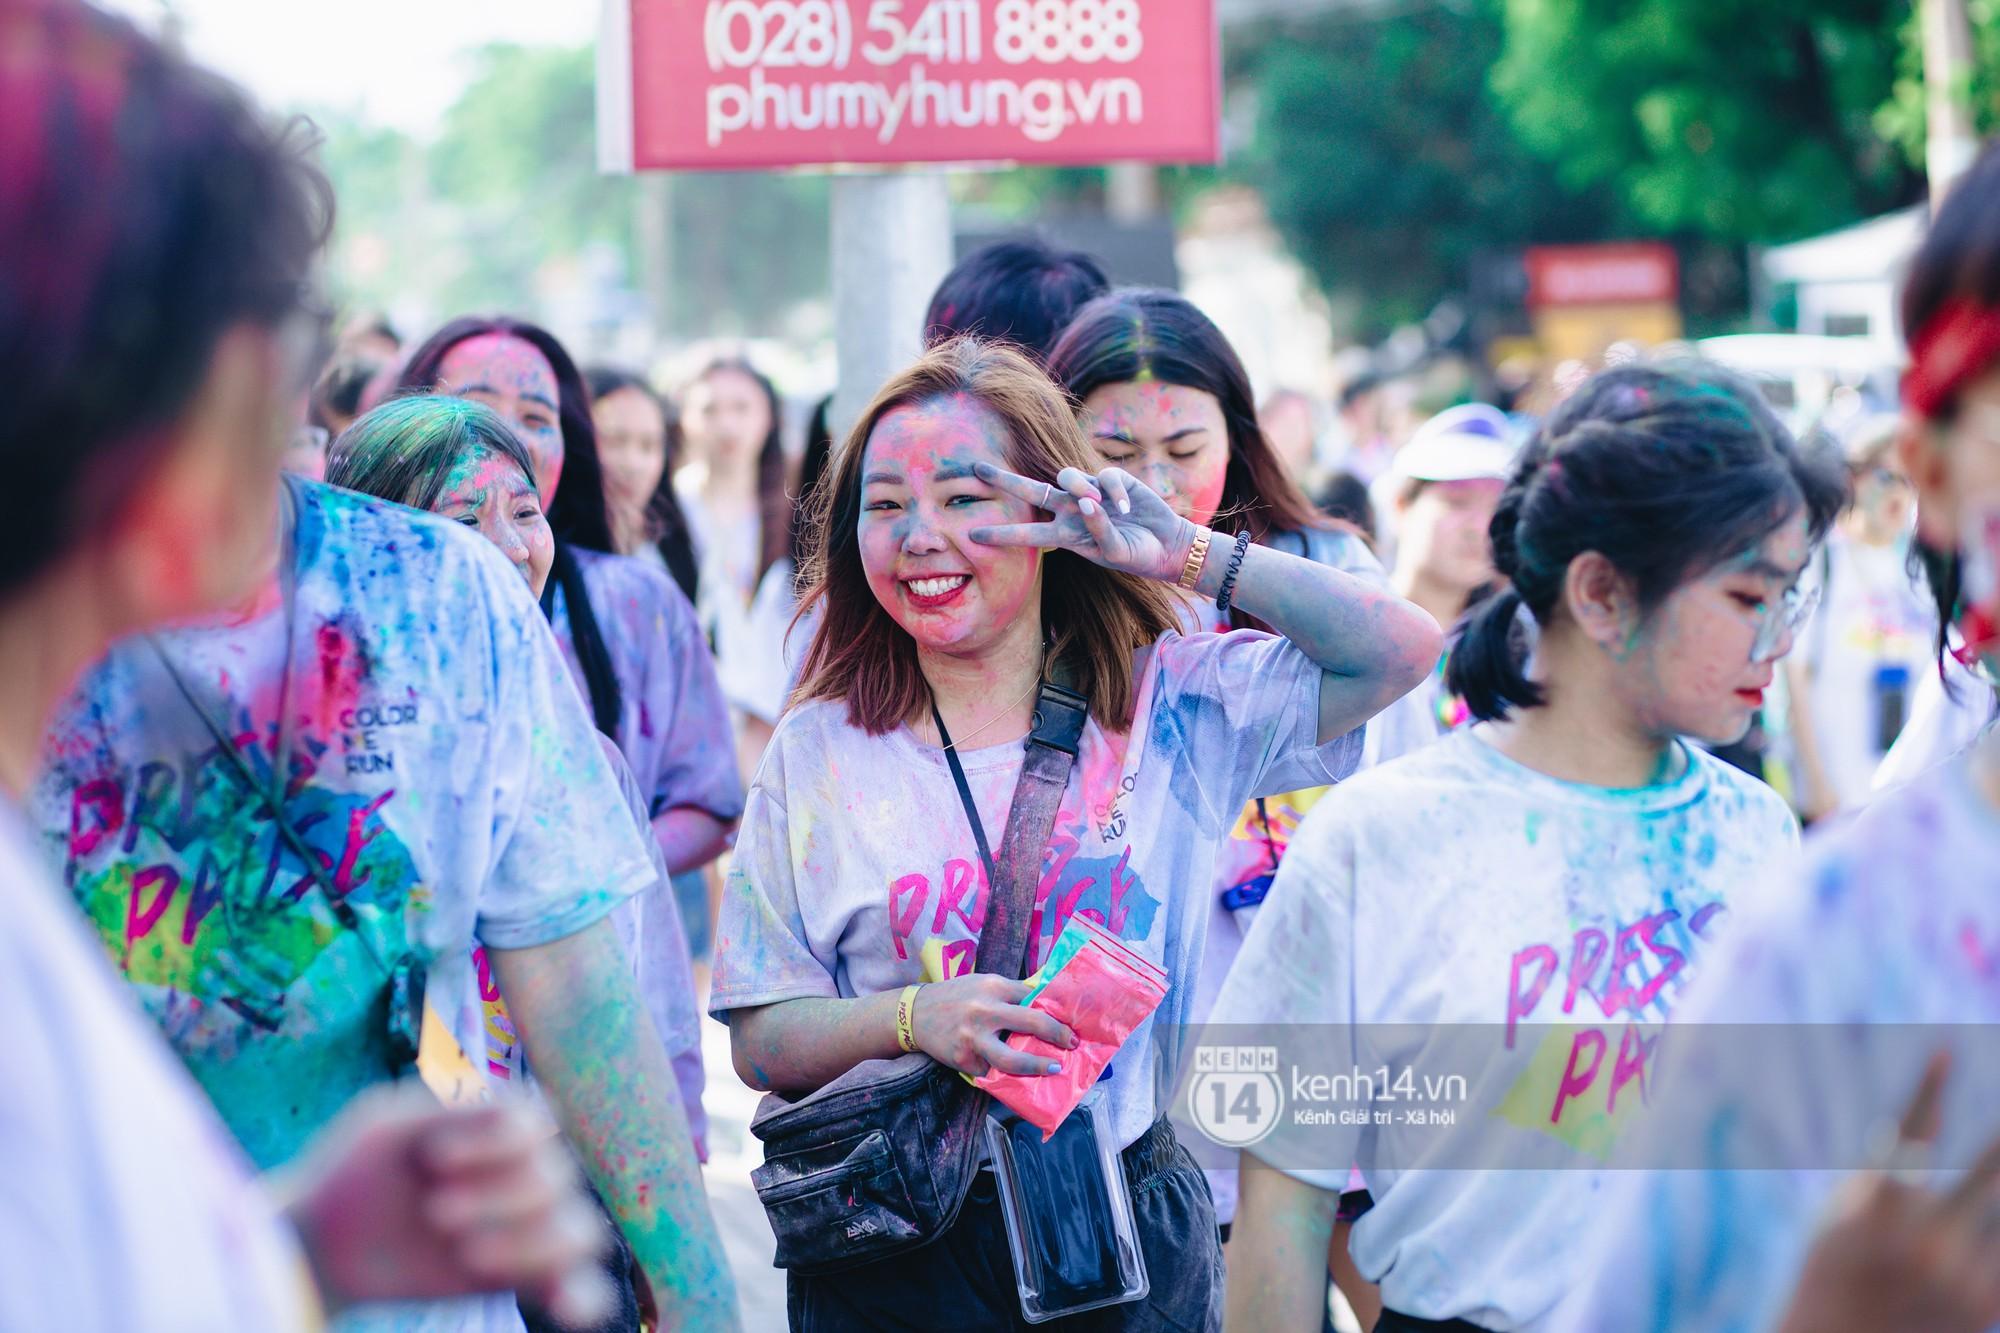 Color Me Run 2019: Hàng nghìn người đổ xuống khắp mọi nẻo đường, quẩy tưng bừng trong sự kiện lớn nhất năm - Ảnh 8.